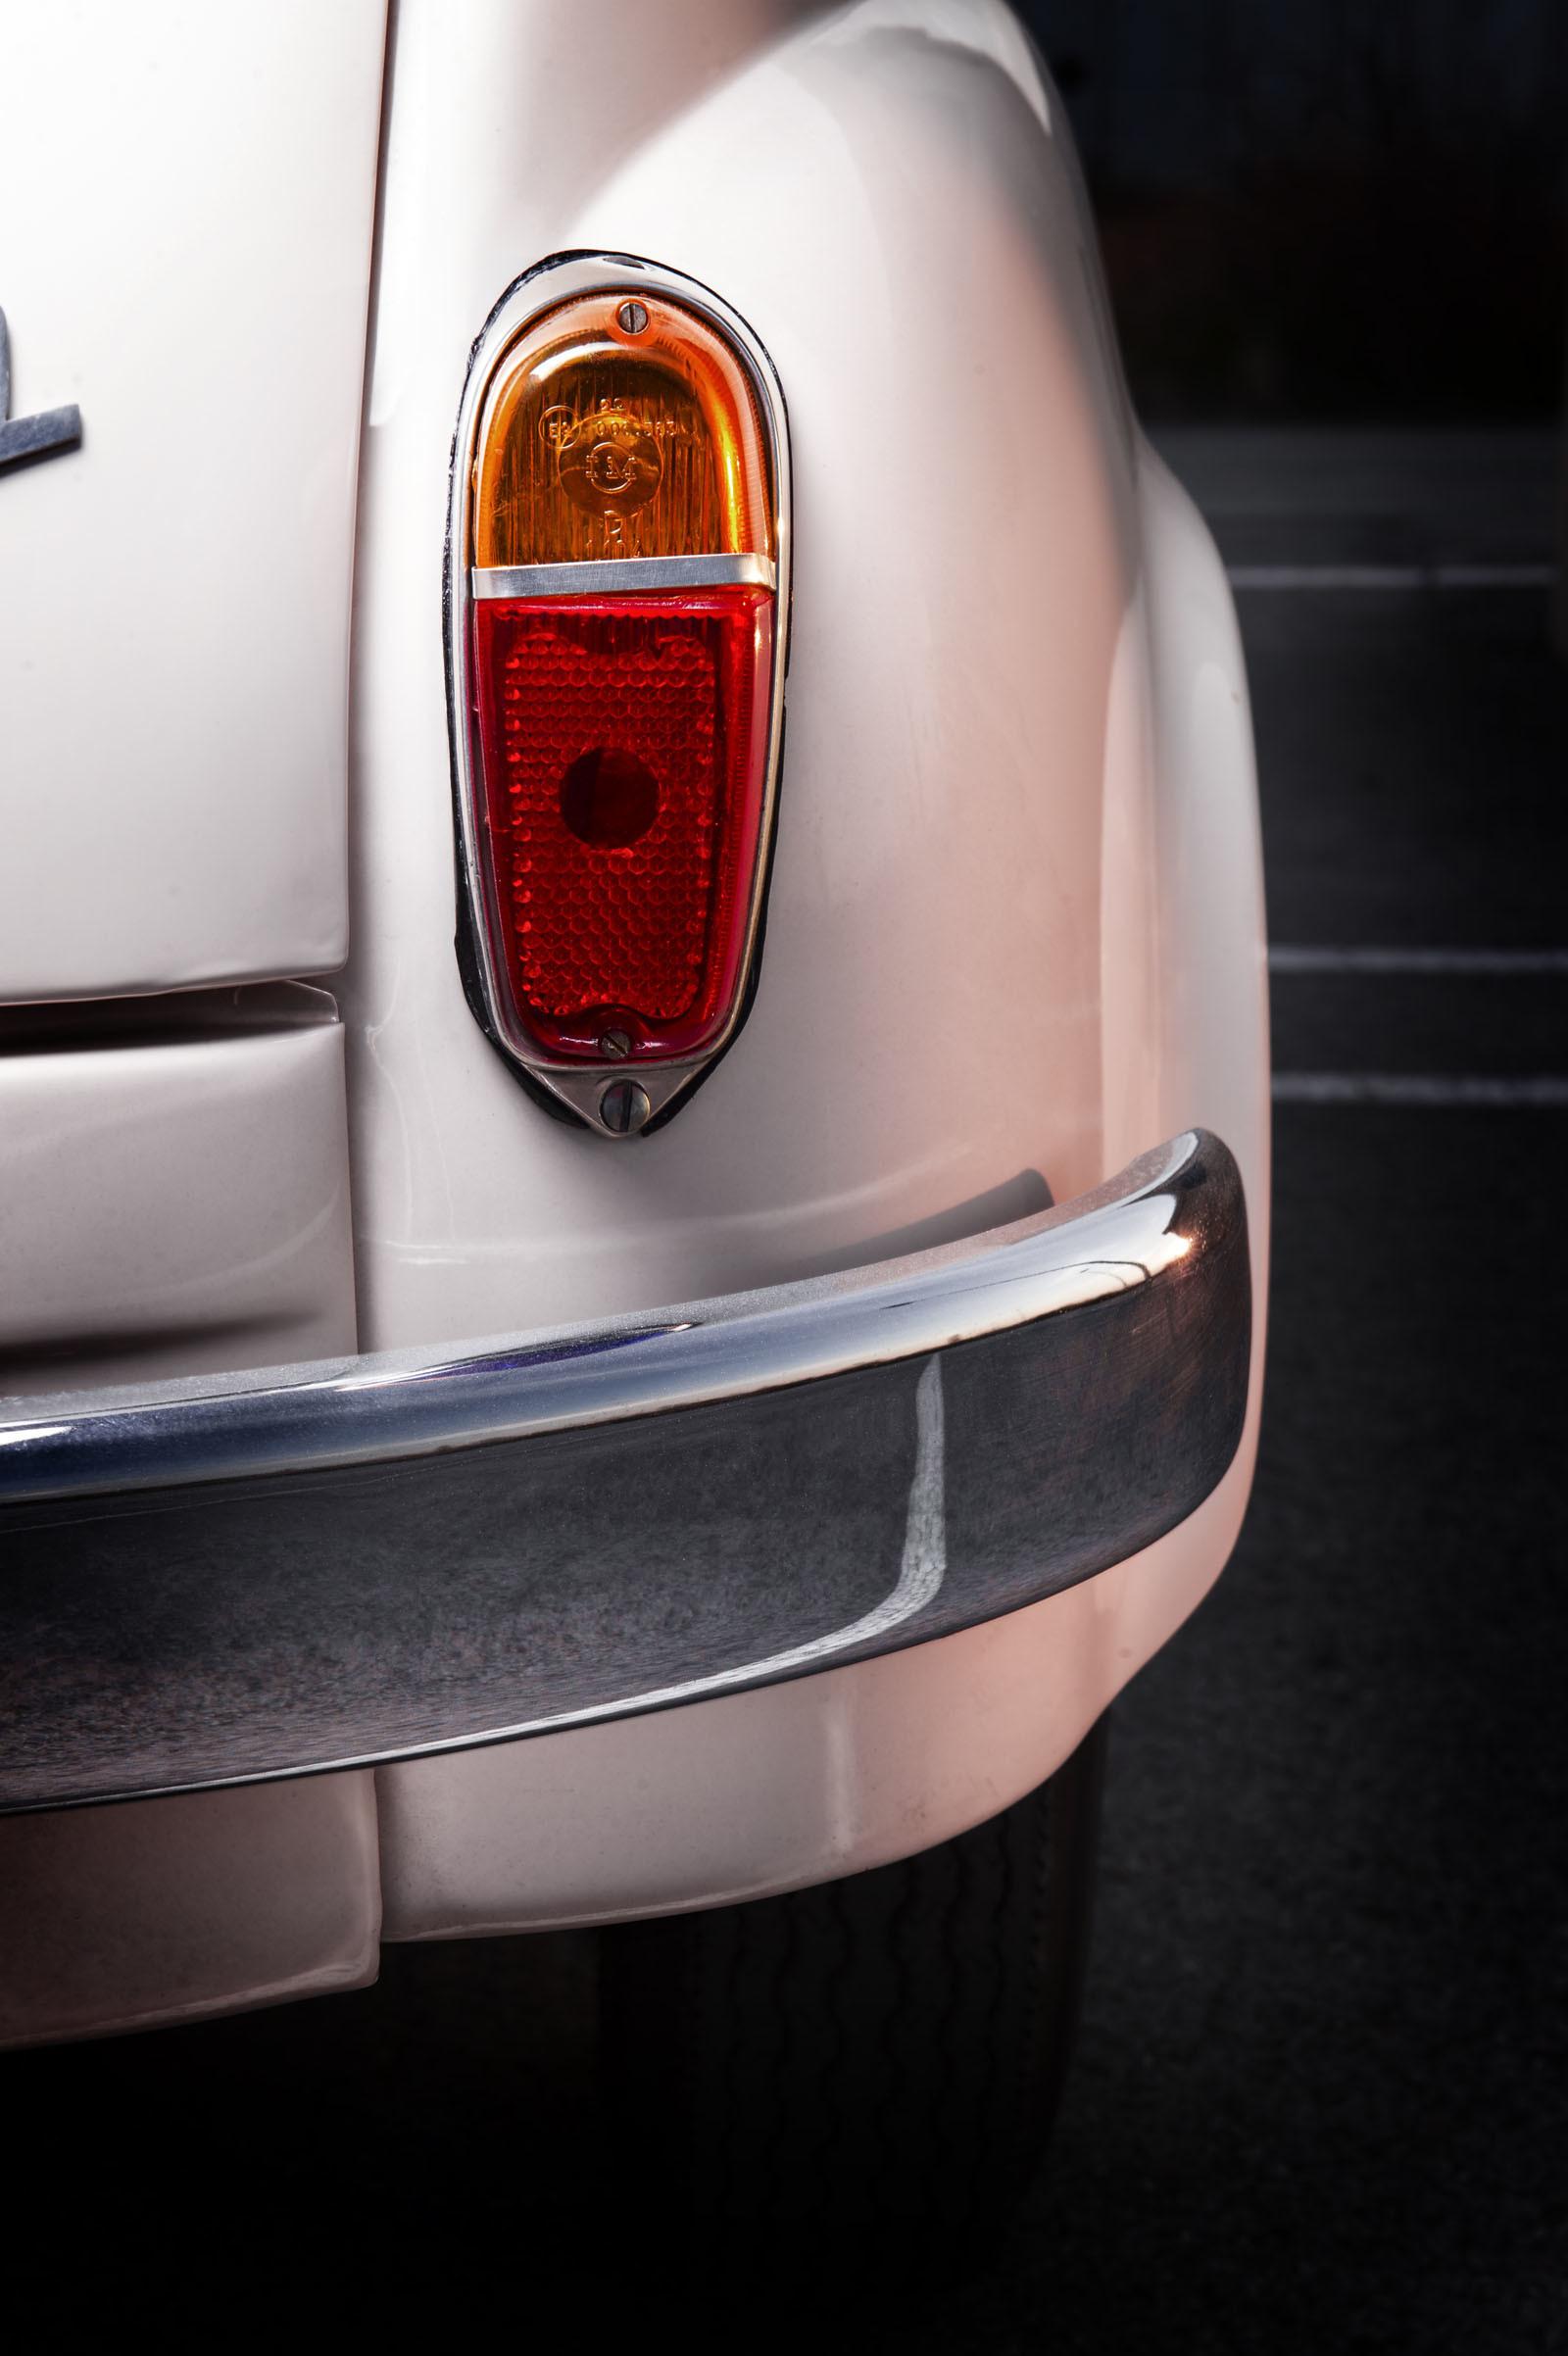 Foto de SEAT 600 (50 Aniversario) (15/64)